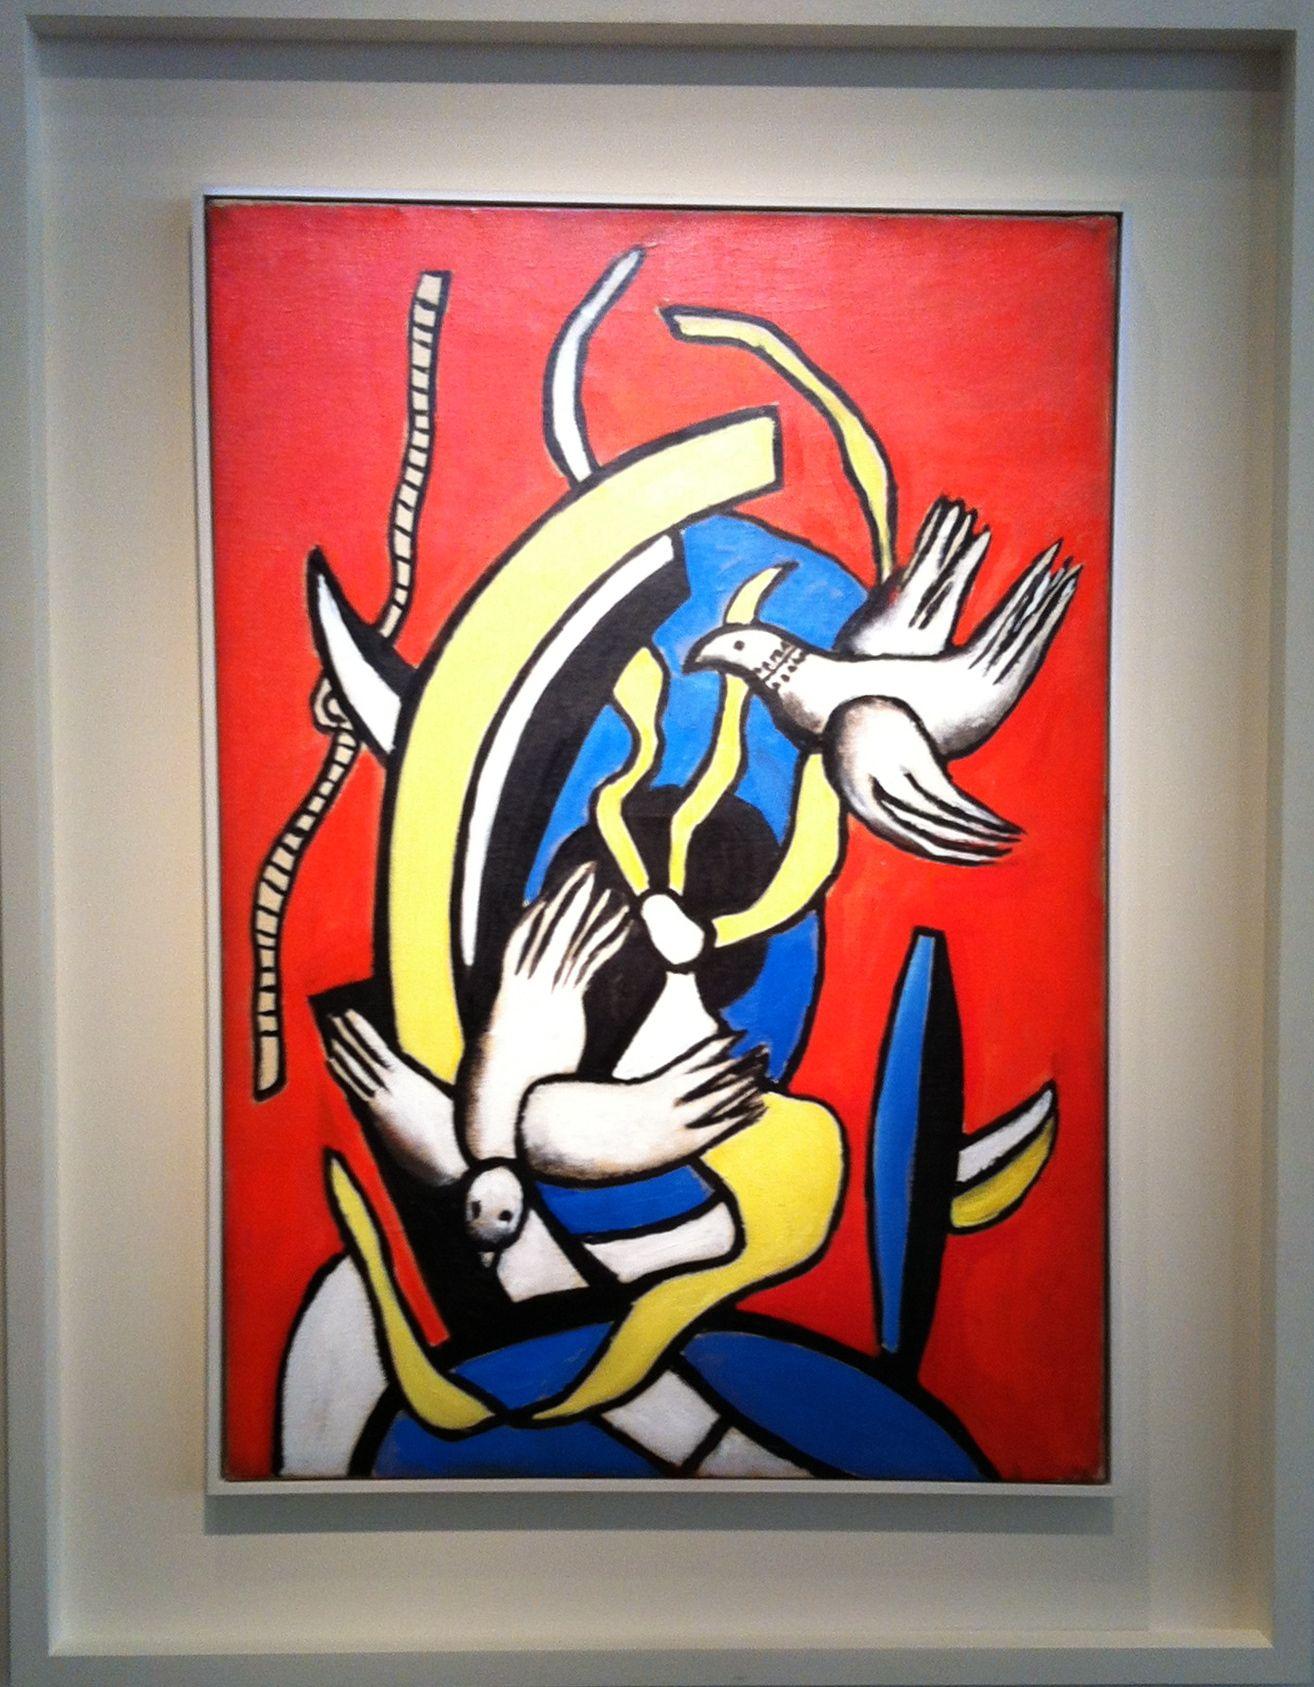 Fernand Leger (1881-1955) - Composition aux deux oiseaux sur fond rouge, 1955.